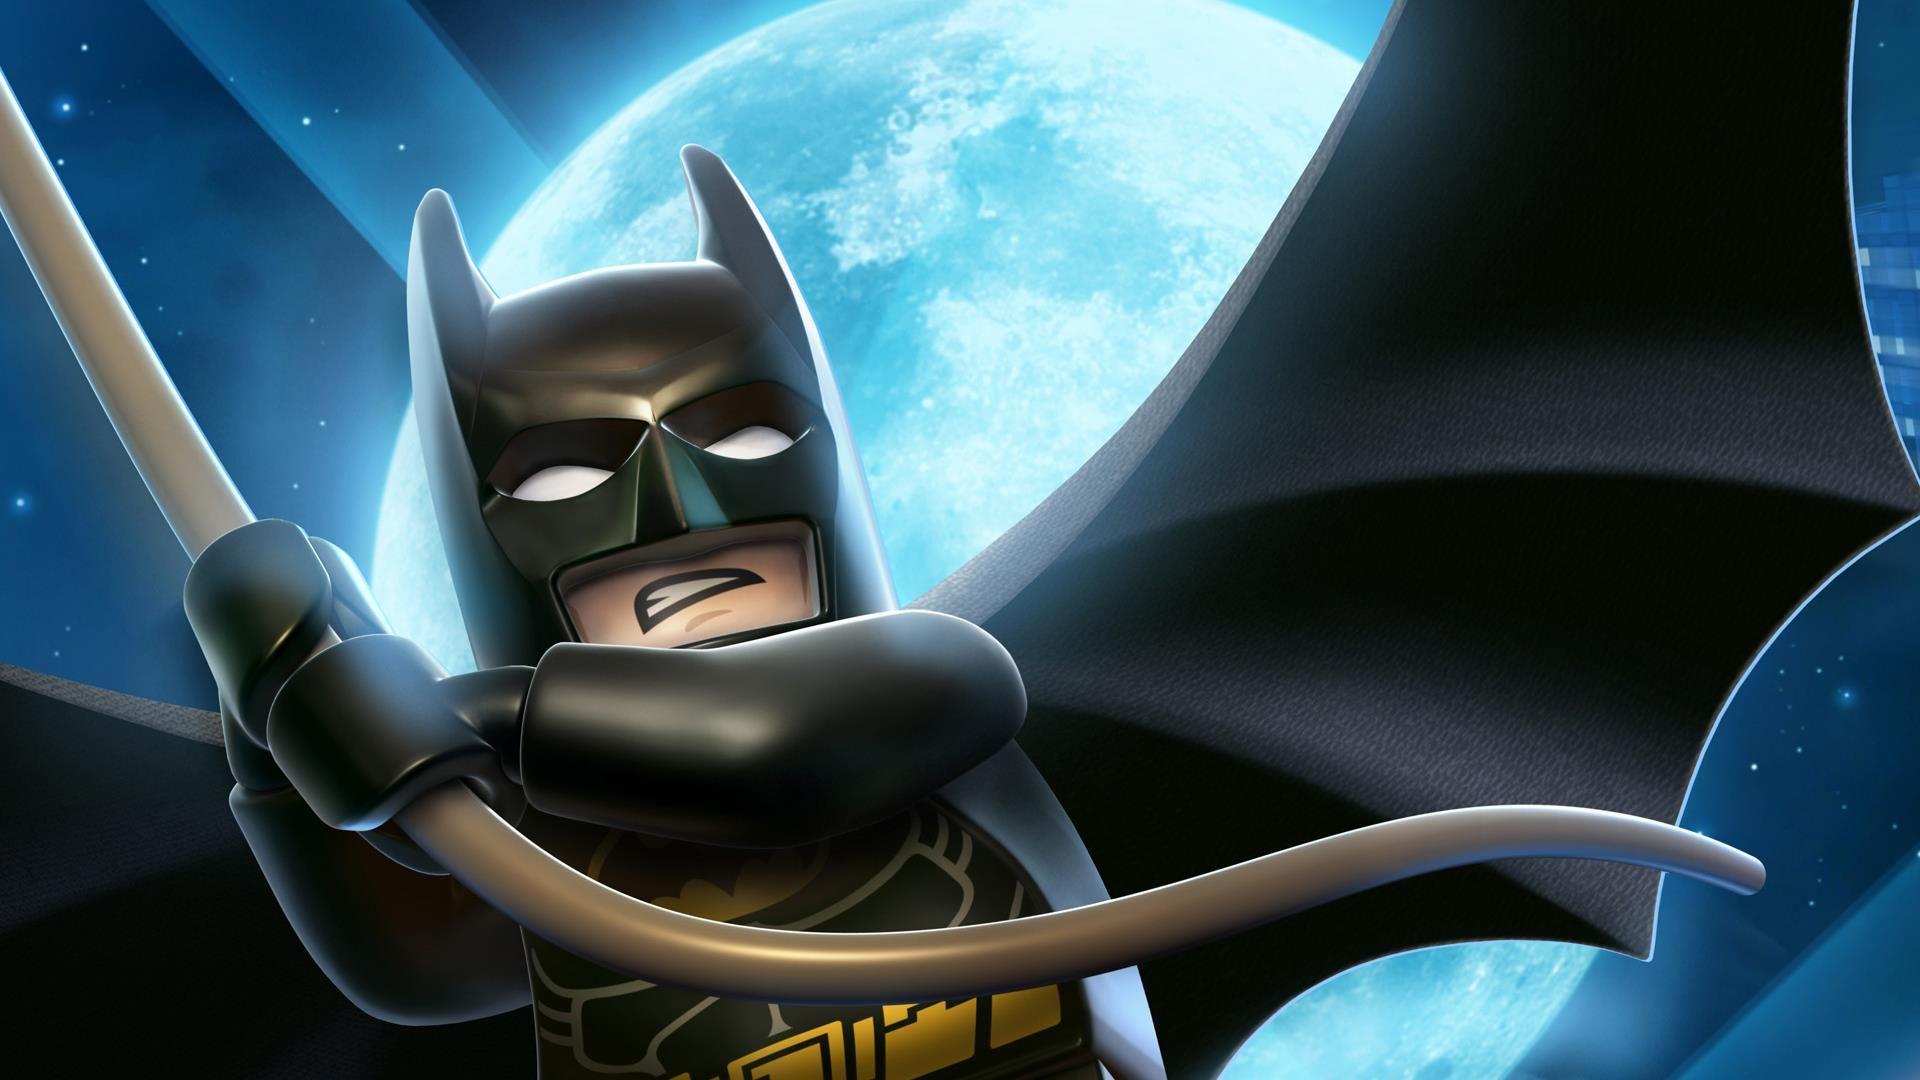 Lego Batman 2 Characters Wallpaper